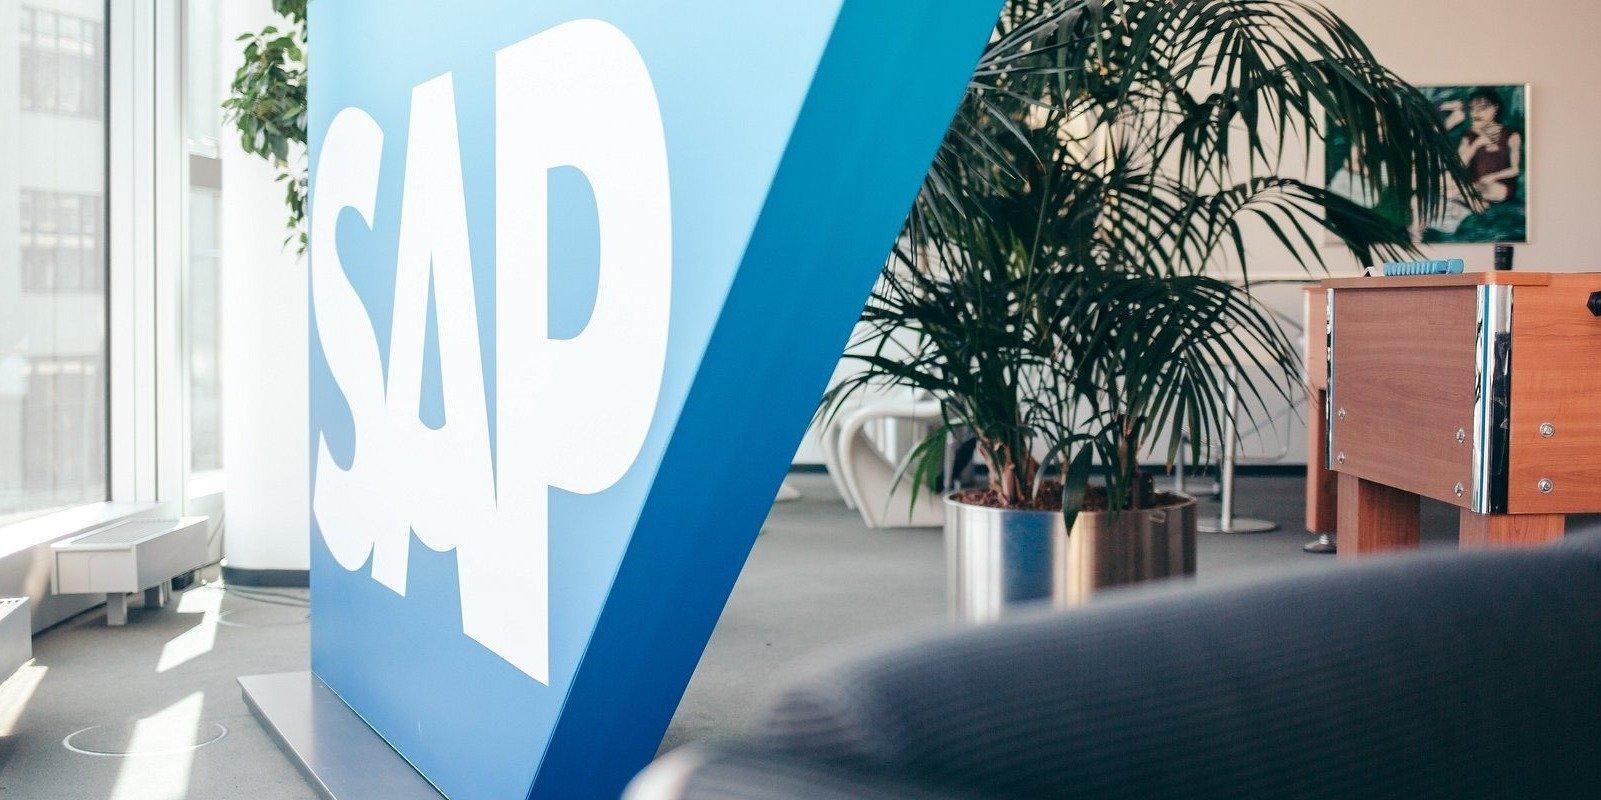 SAP rozwija się w Polsce. W Gliwicach powstaje kolejna jednostka globalnego centrum rozwojowego IT